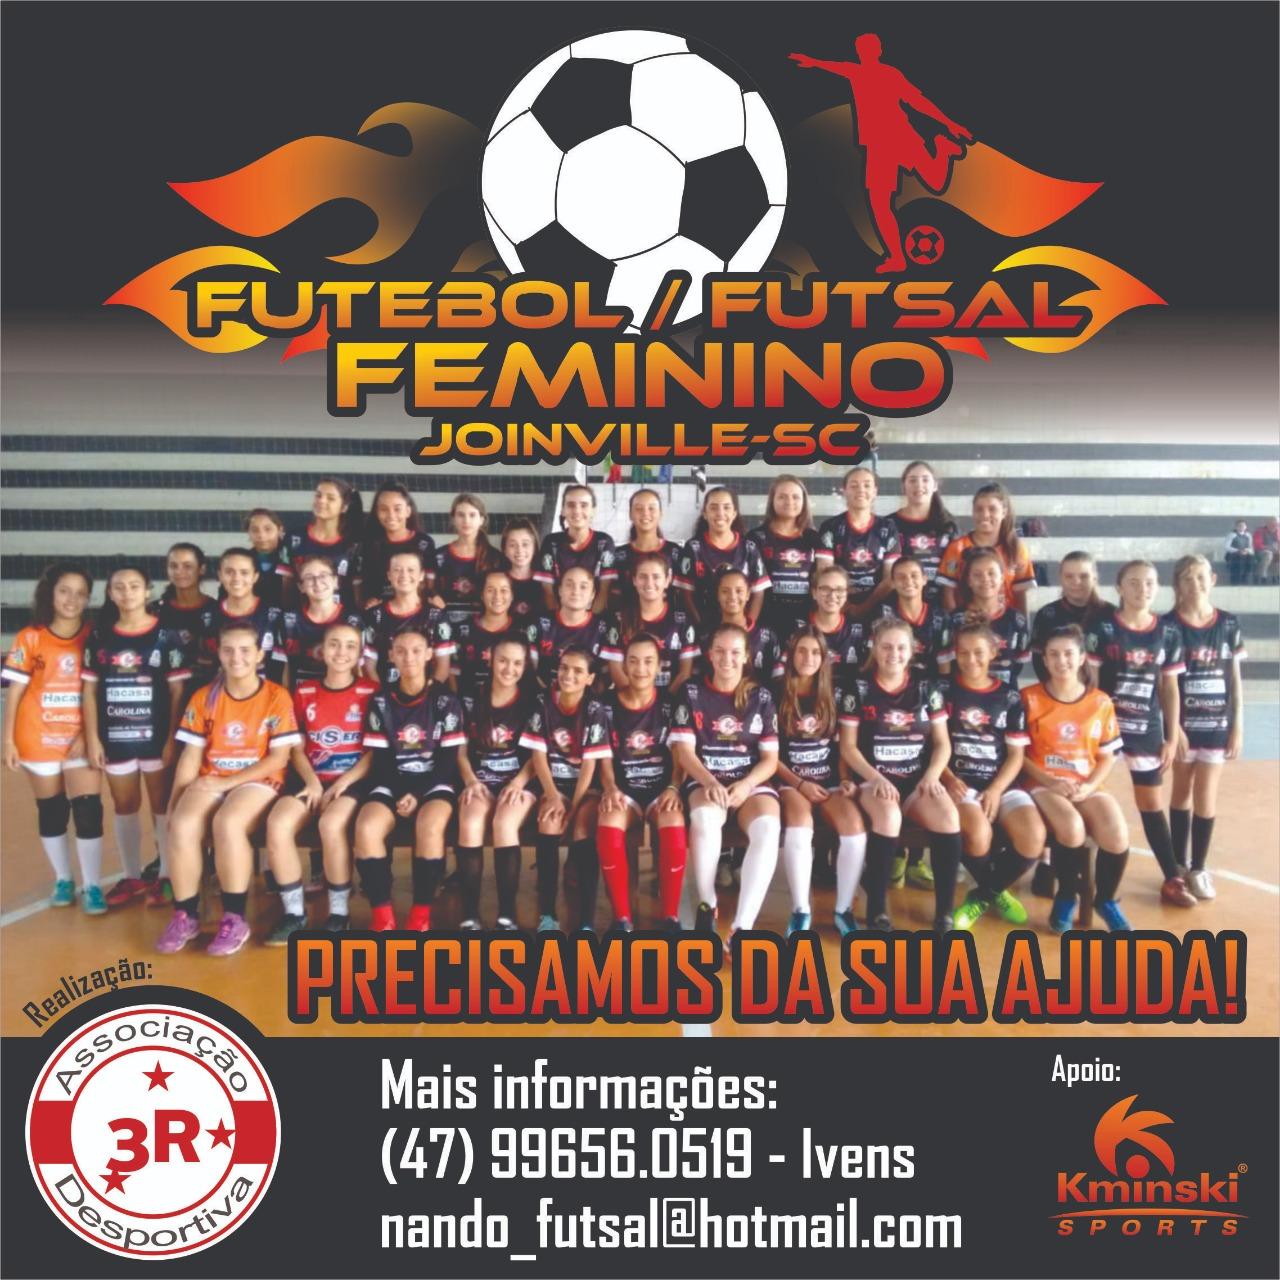 Equipe de futebol e futsal feminino de Joinville busca apoiadores ... 088a36cb51218